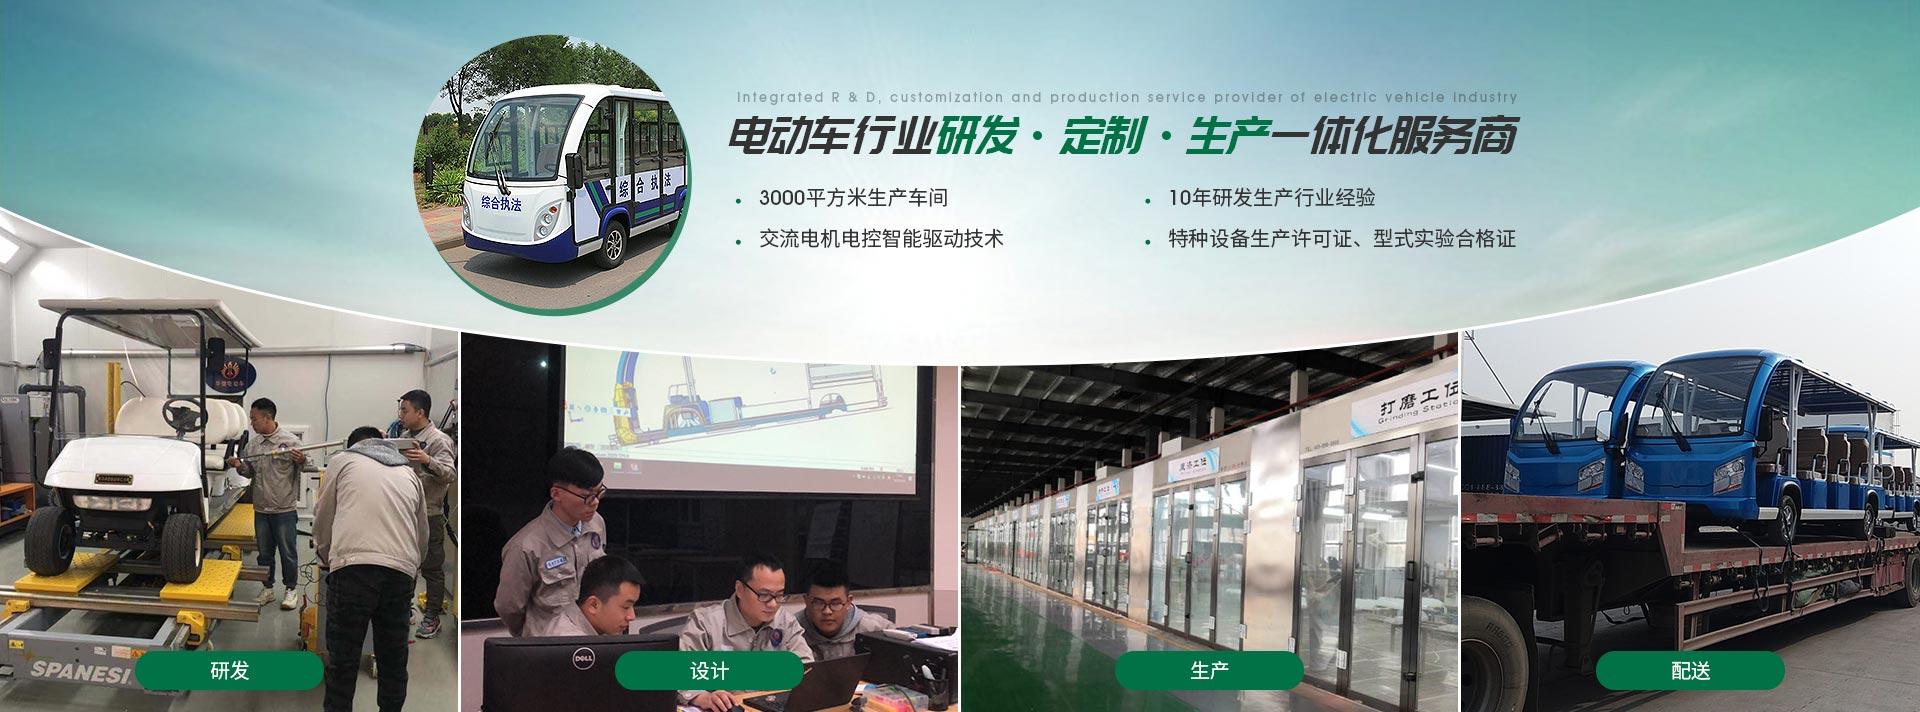 电动车行业研发,定制,生产一体化服务商-华锴电动车